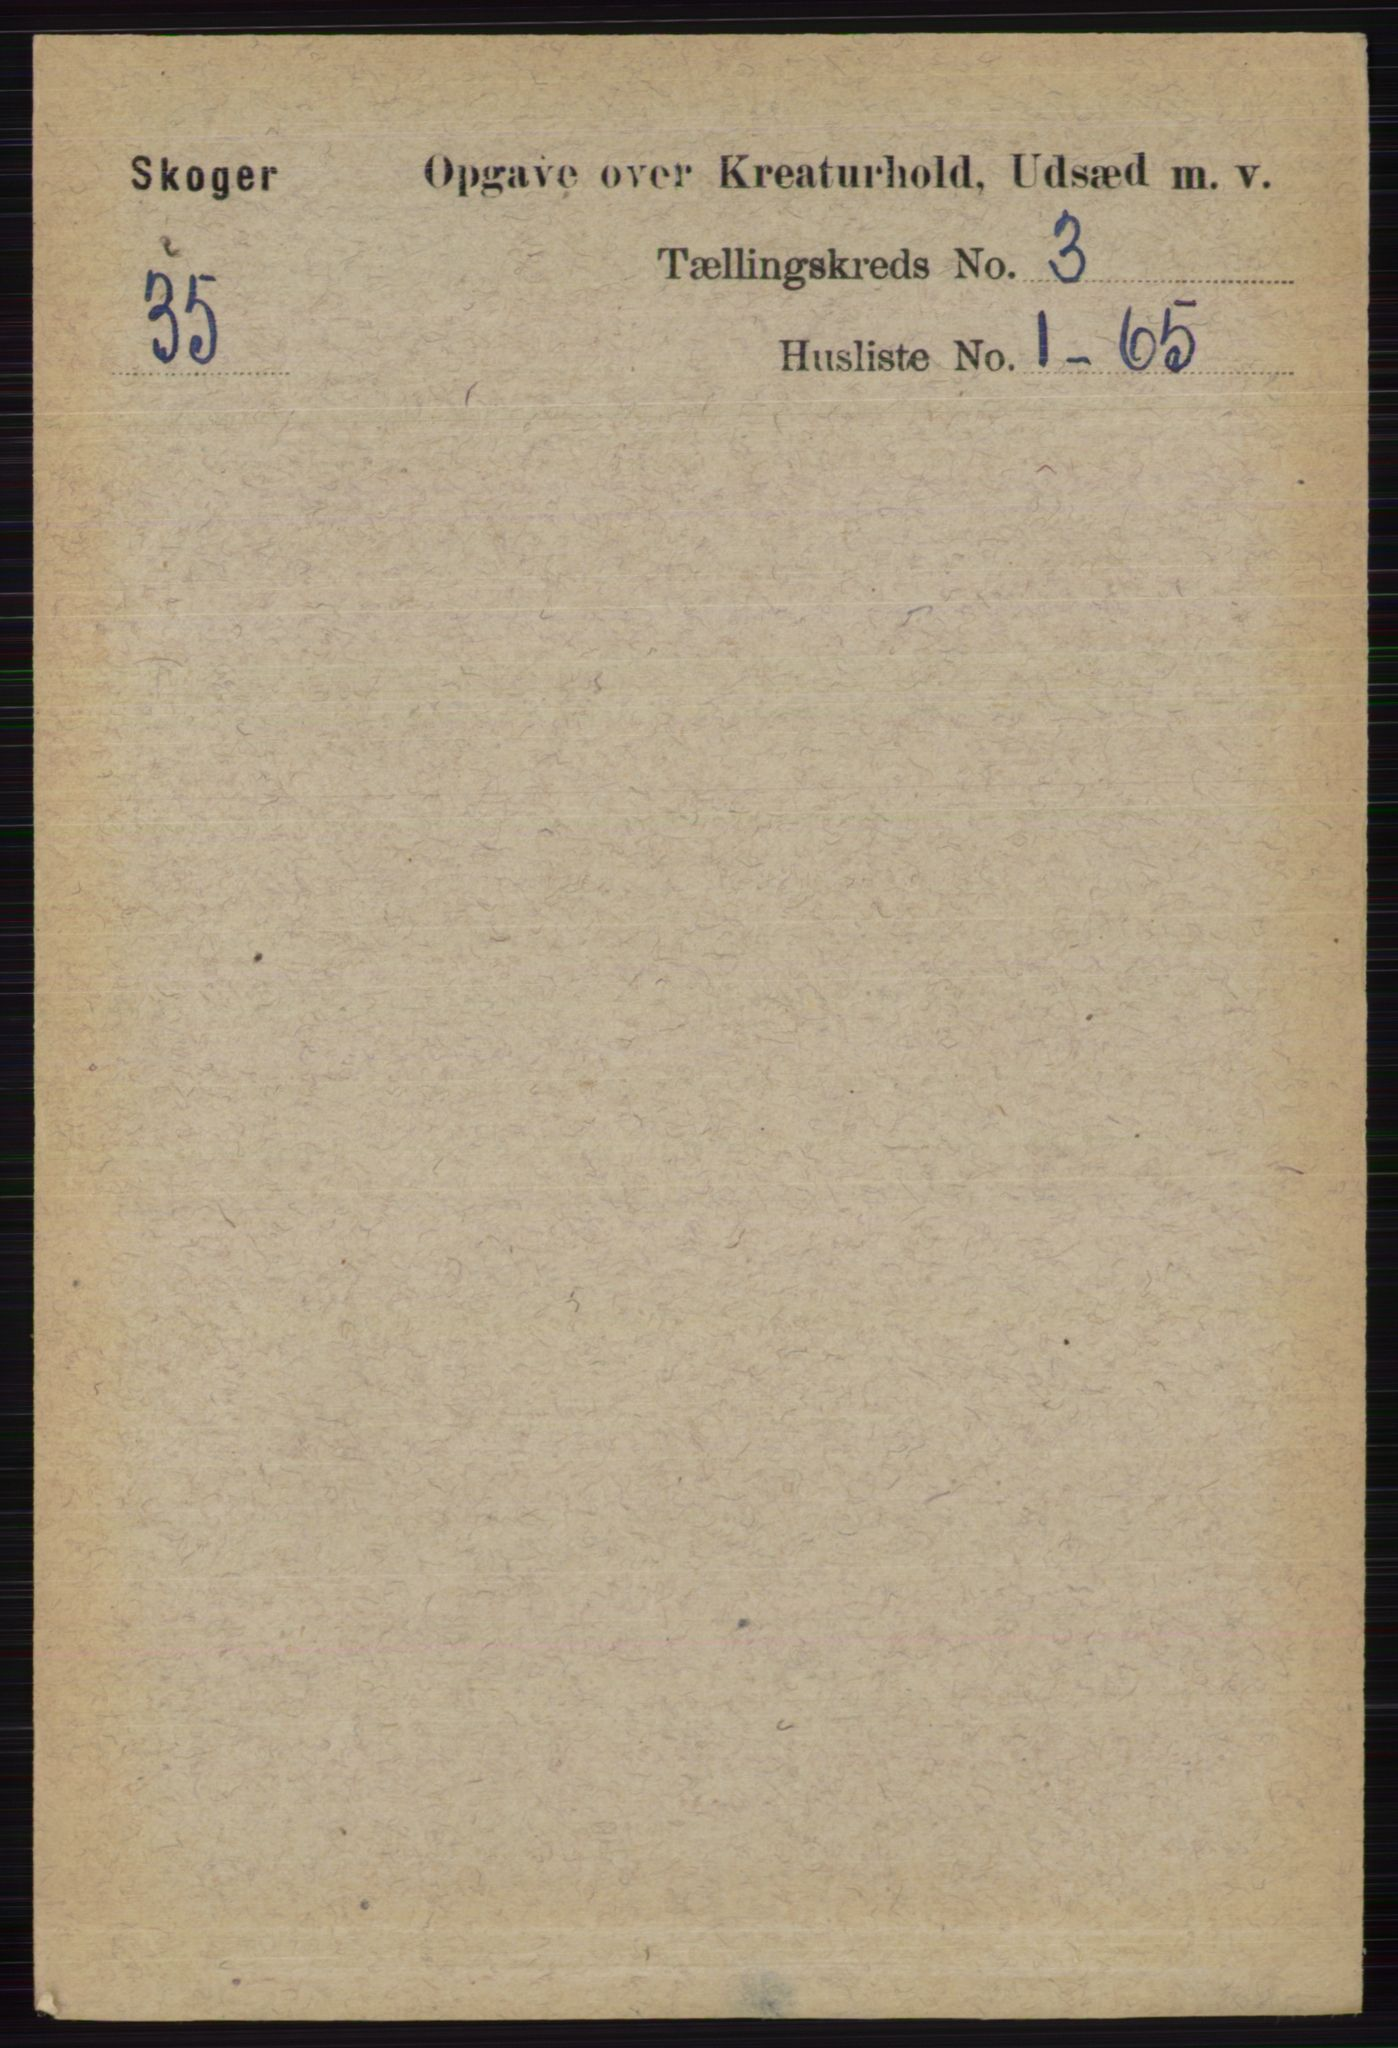 RA, Folketelling 1891 for 0712 Skoger herred, 1891, s. 4623